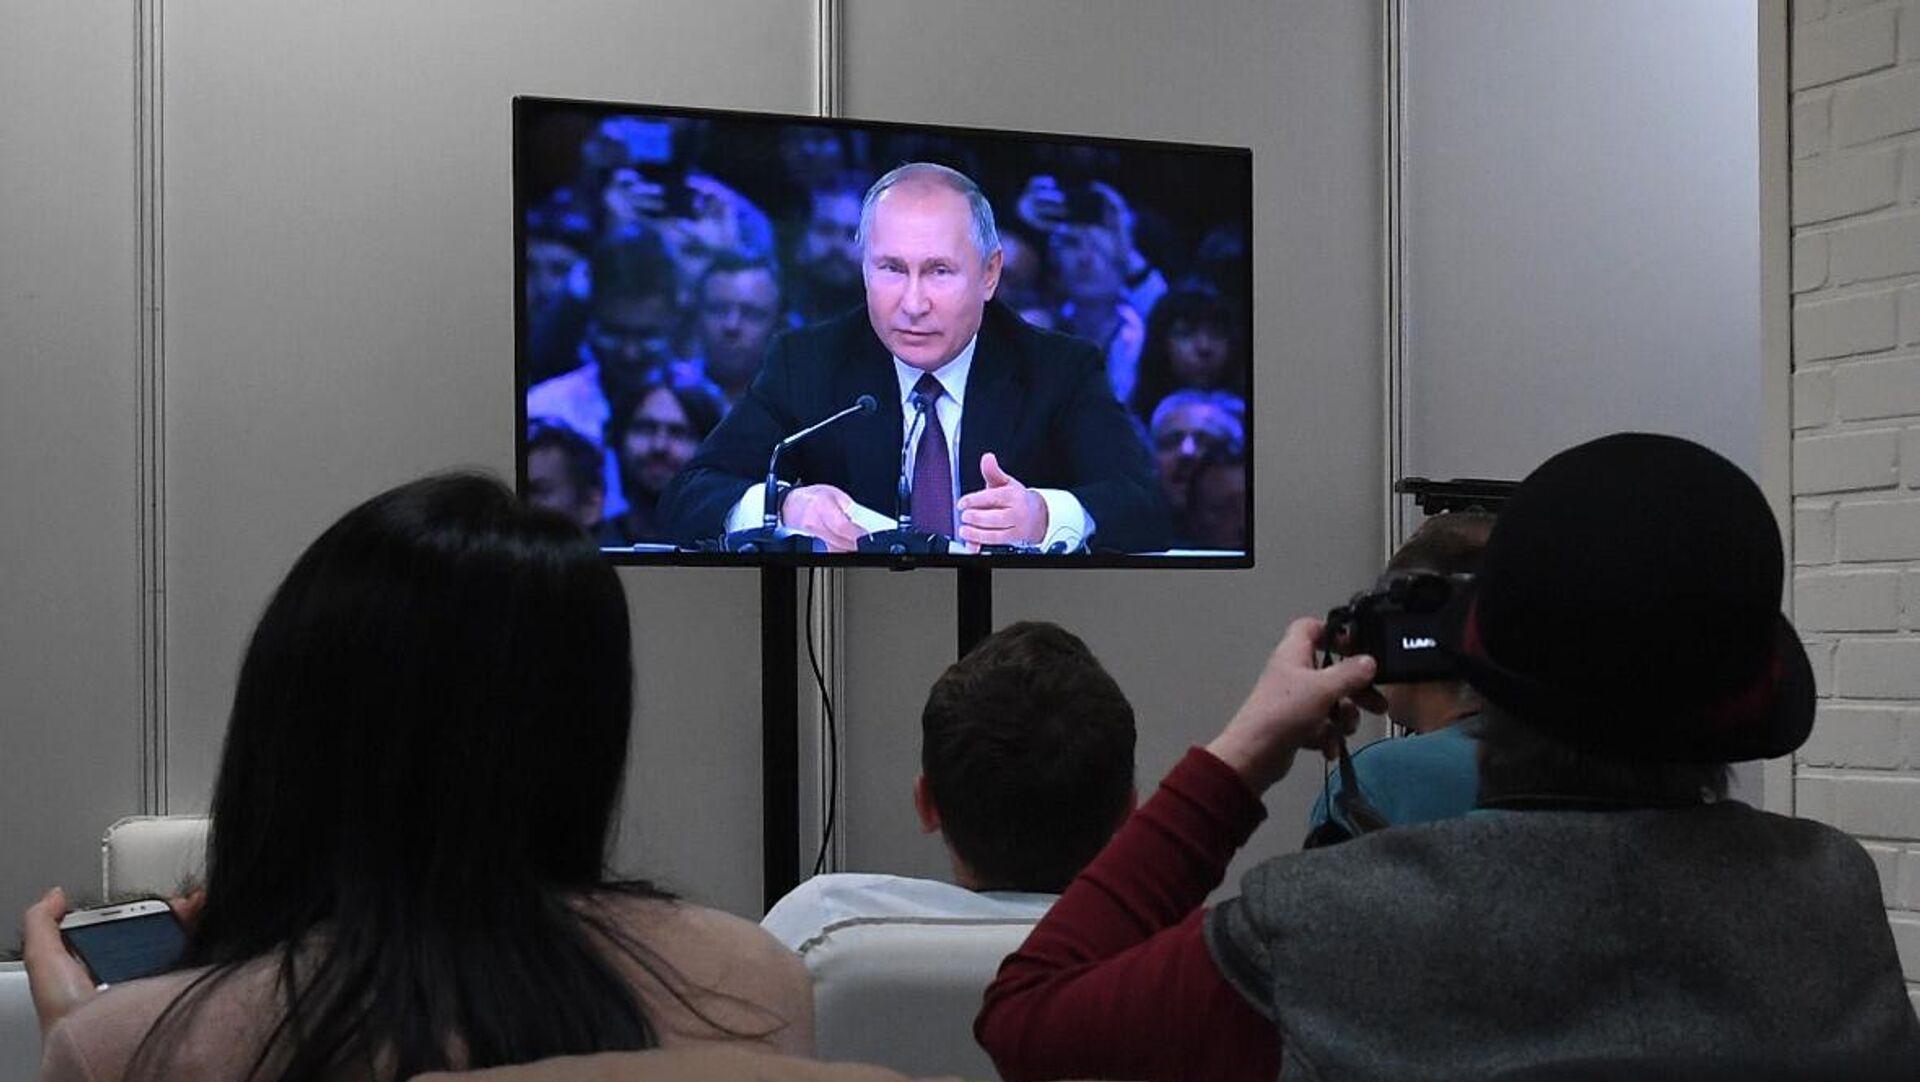 Прямая трансляция президента России Владимира Путина на конференции по искусственному интеллекту - РИА Новости, 1920, 29.06.2021